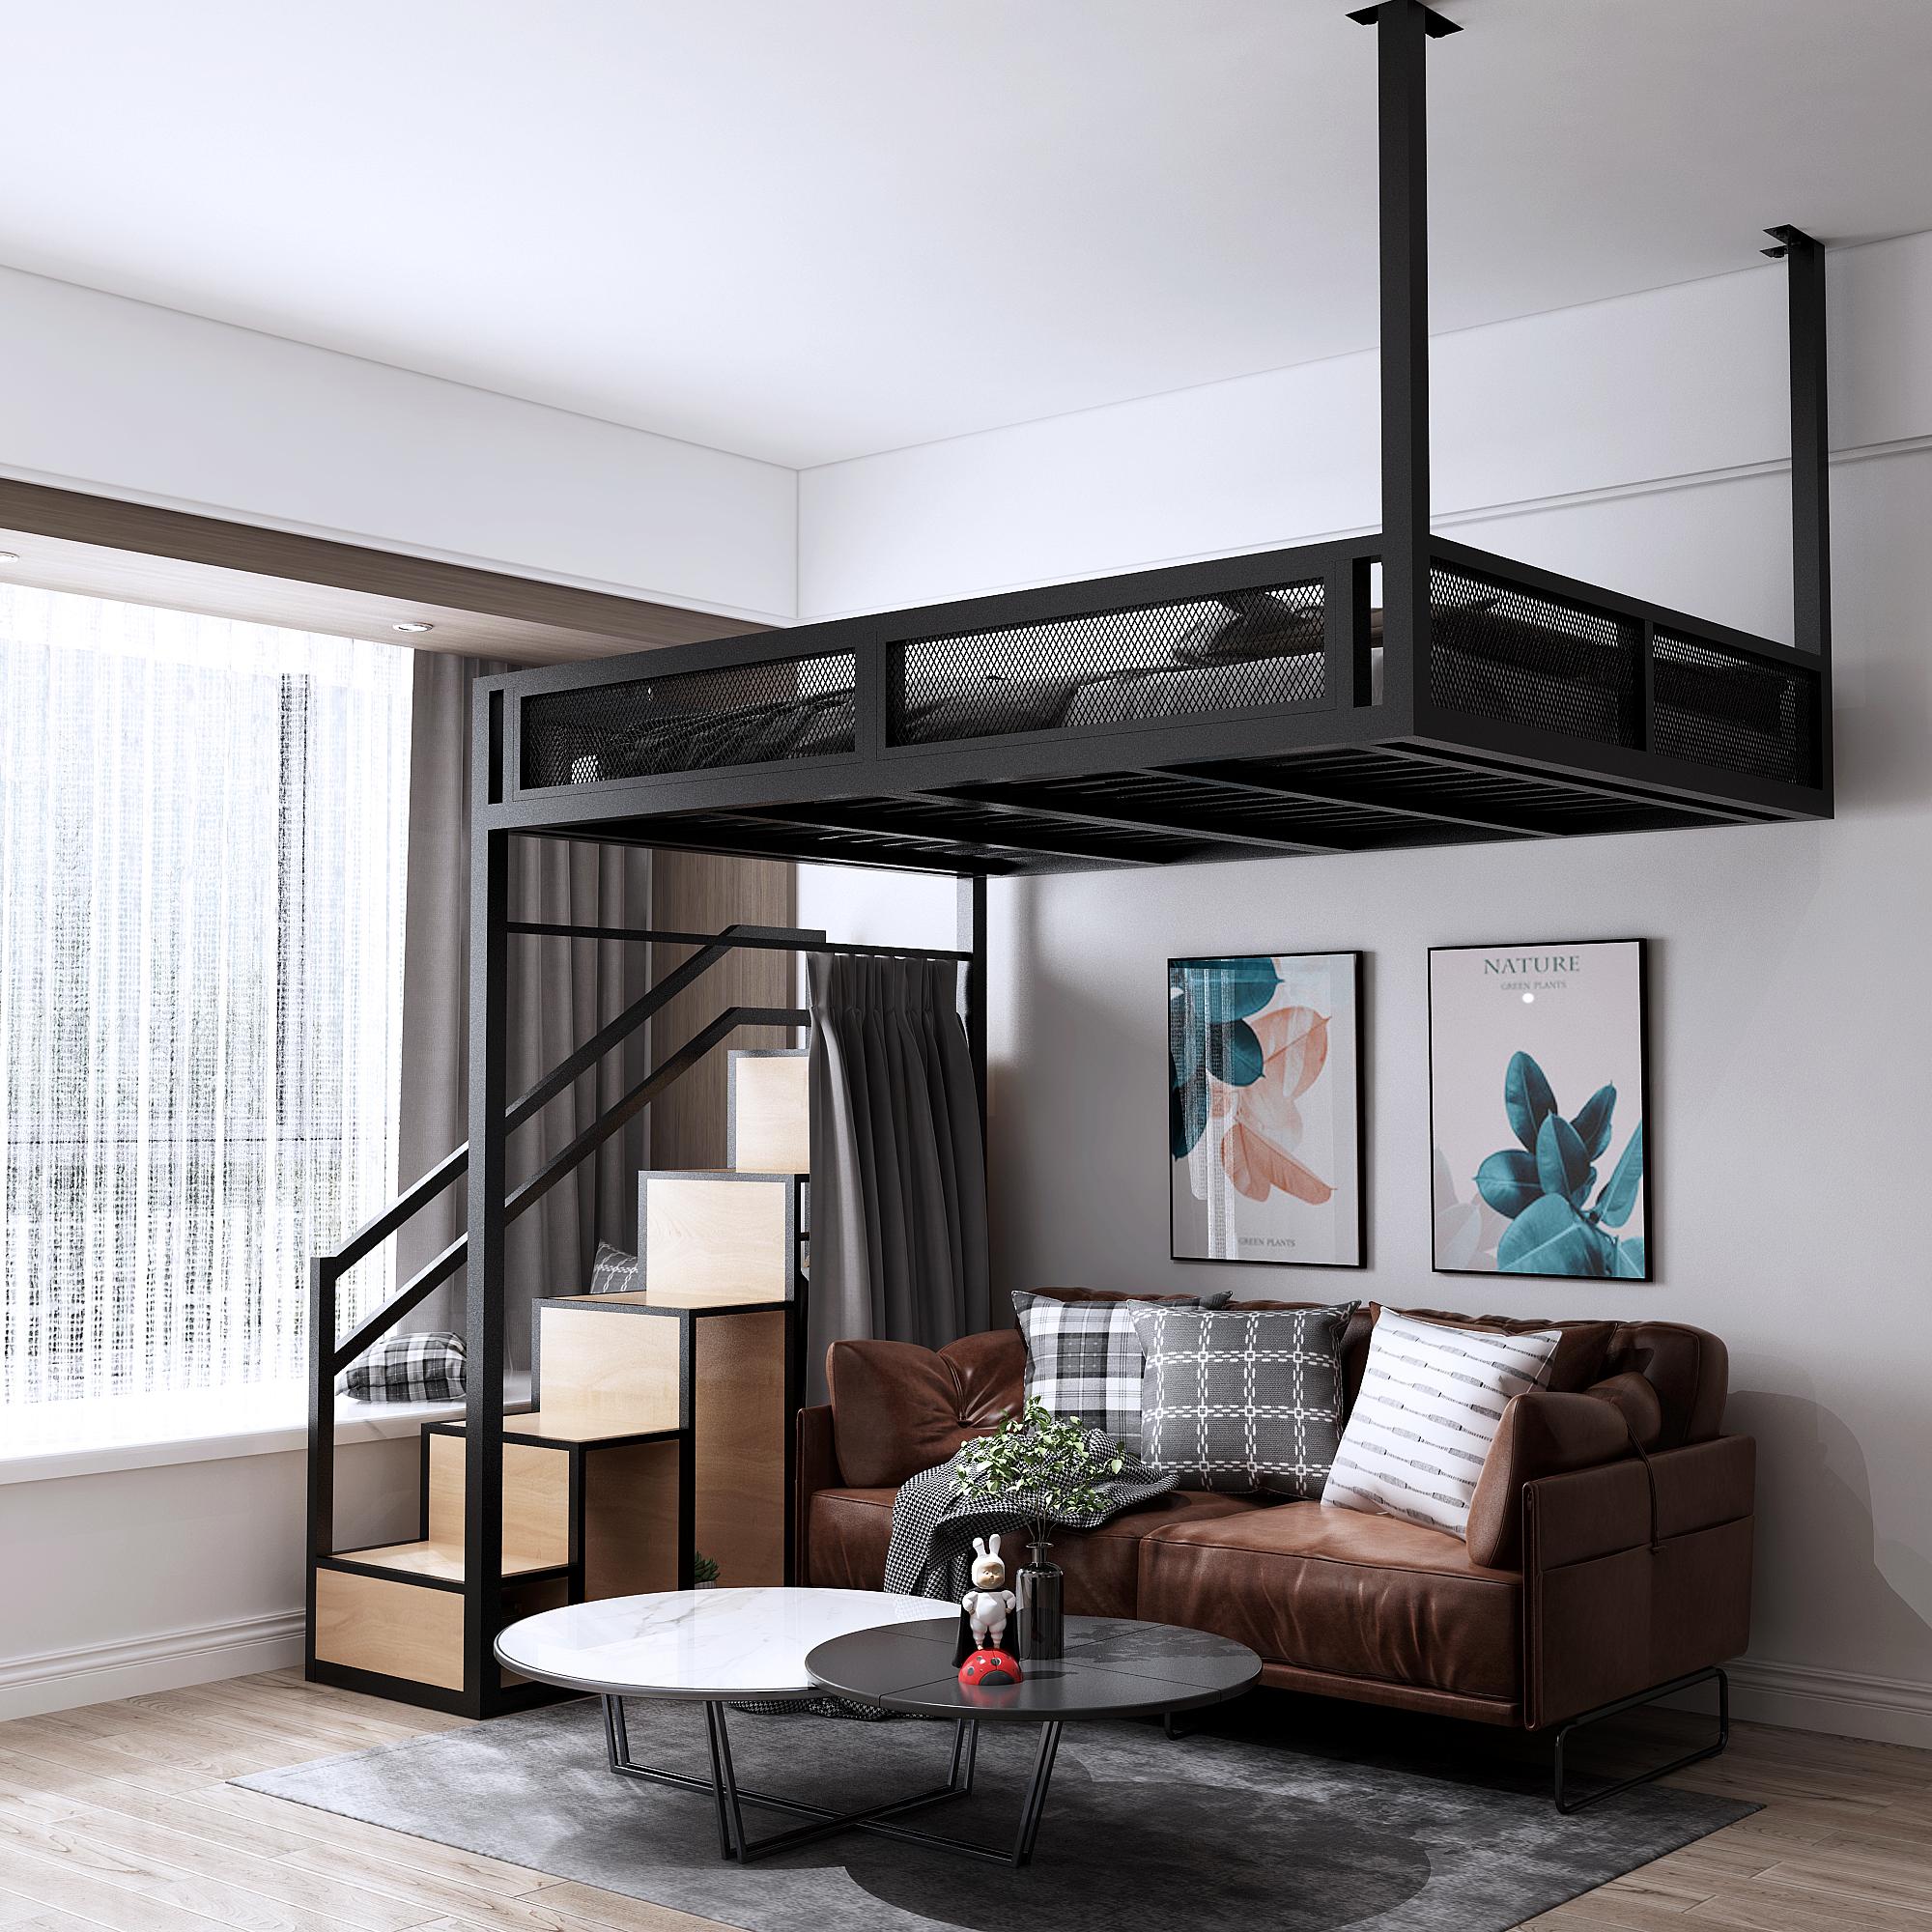 新款铁艺高架床复式二楼床高低床省空间loft悬空吊床多功能楼阁床